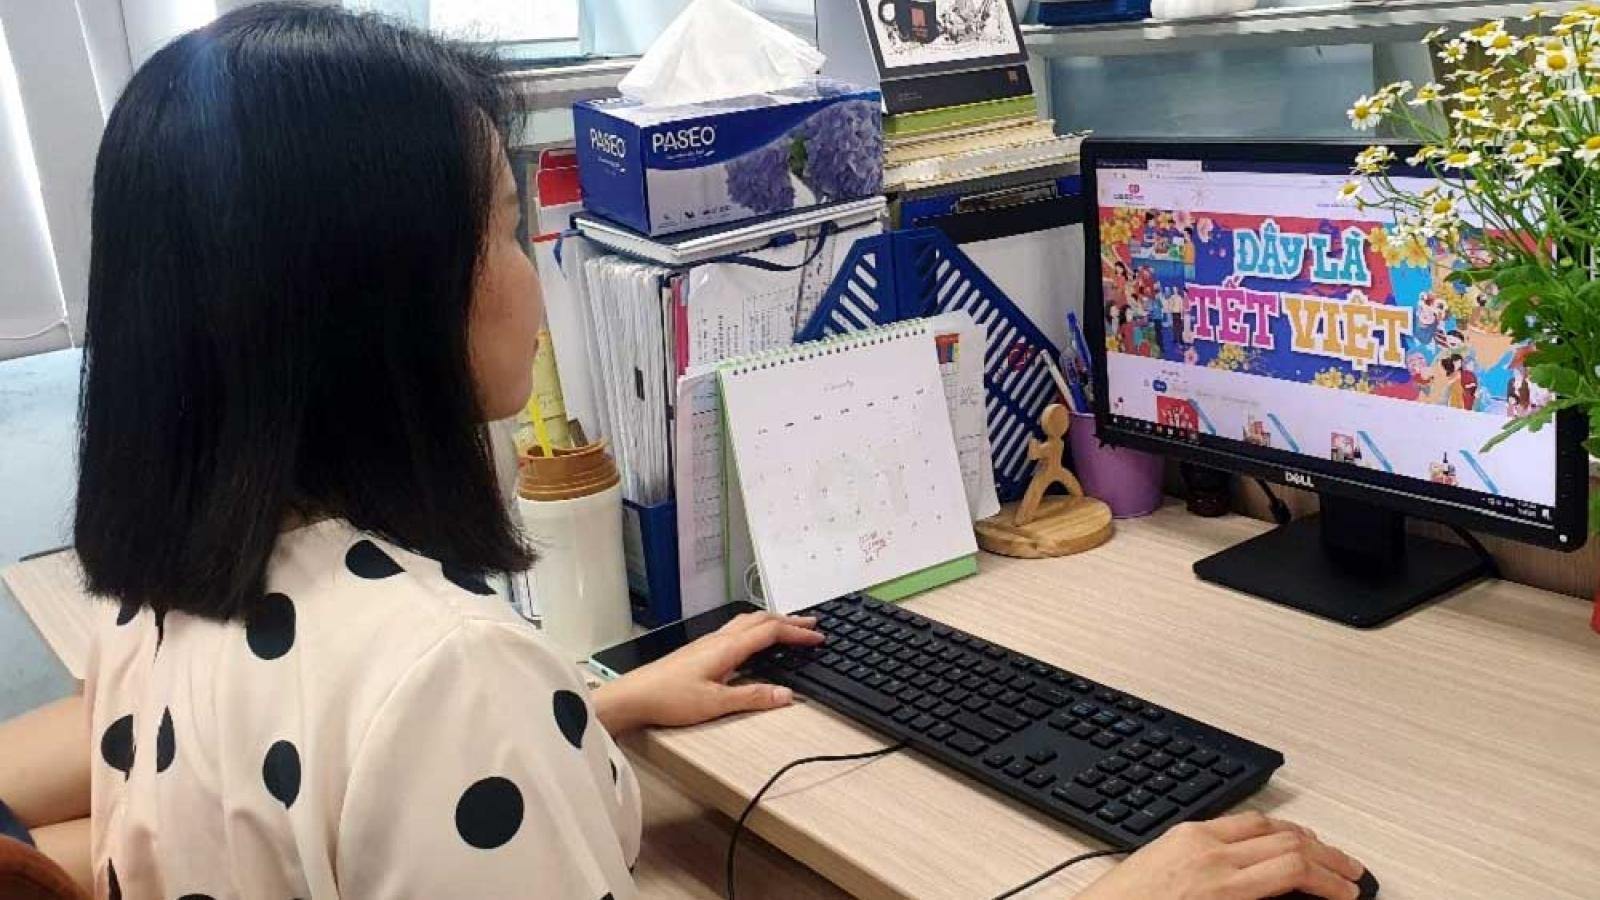 Ứng phó với Covid-19, Hà Nội đẩy mạnh cung ứng hàng hóa qua kênh thương mại điện tử